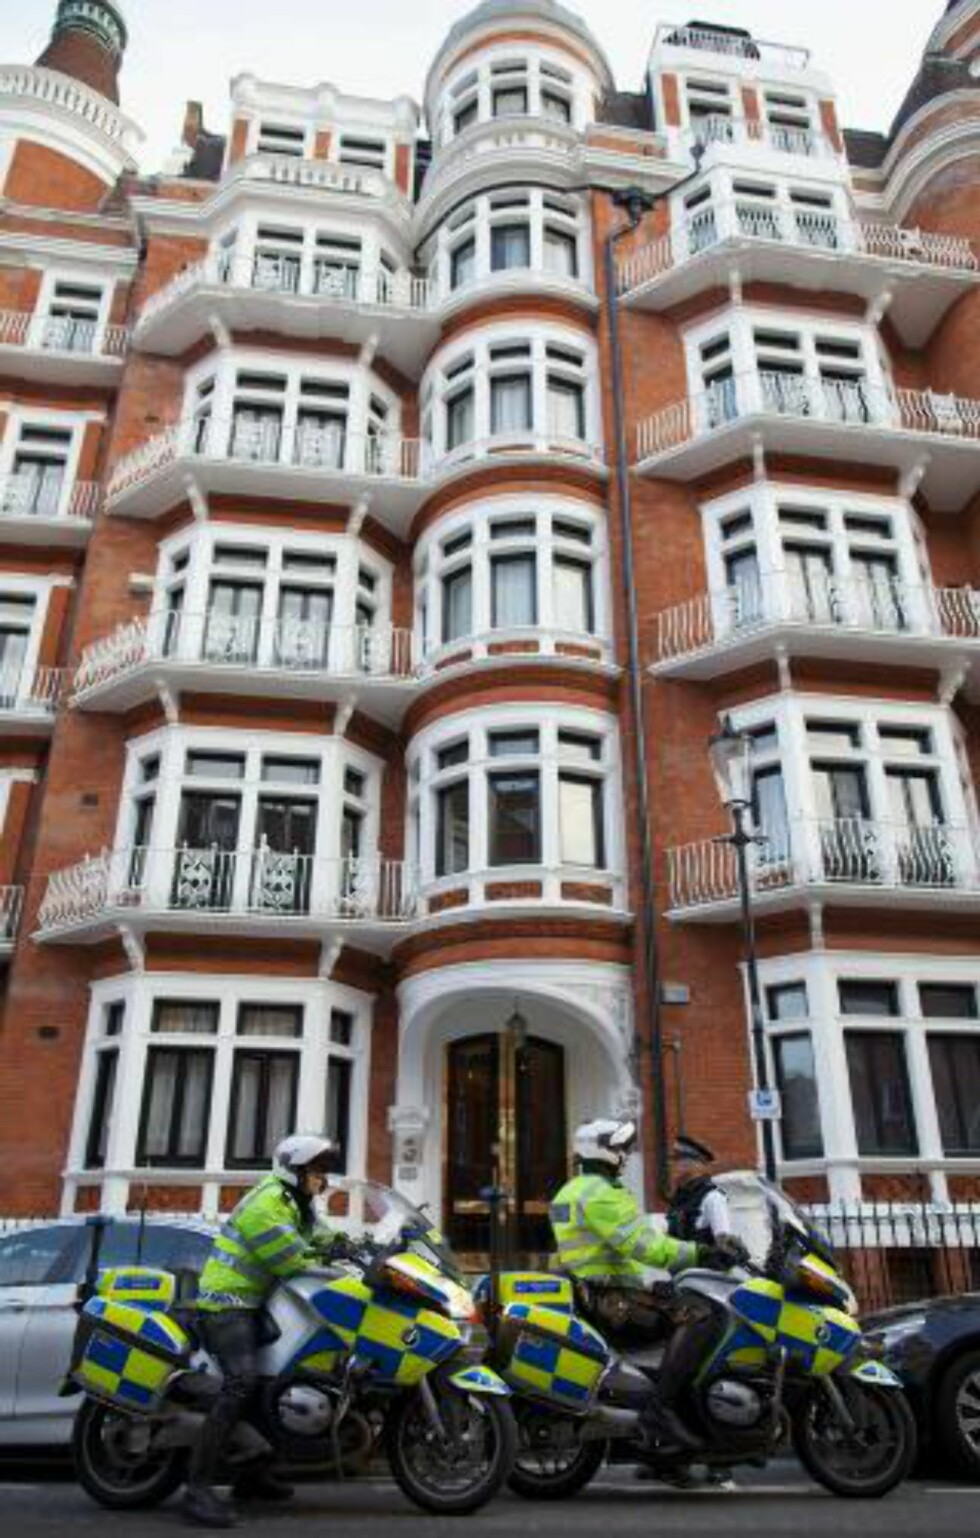 <strong>VOKTES:</strong> Politiet har dannet en jernring rundt den ecuadorske ambassade i London. De vil pågripe Assange om han går utenfor området. Foto: AFP/Andrew Cowie/NTB Scanpix